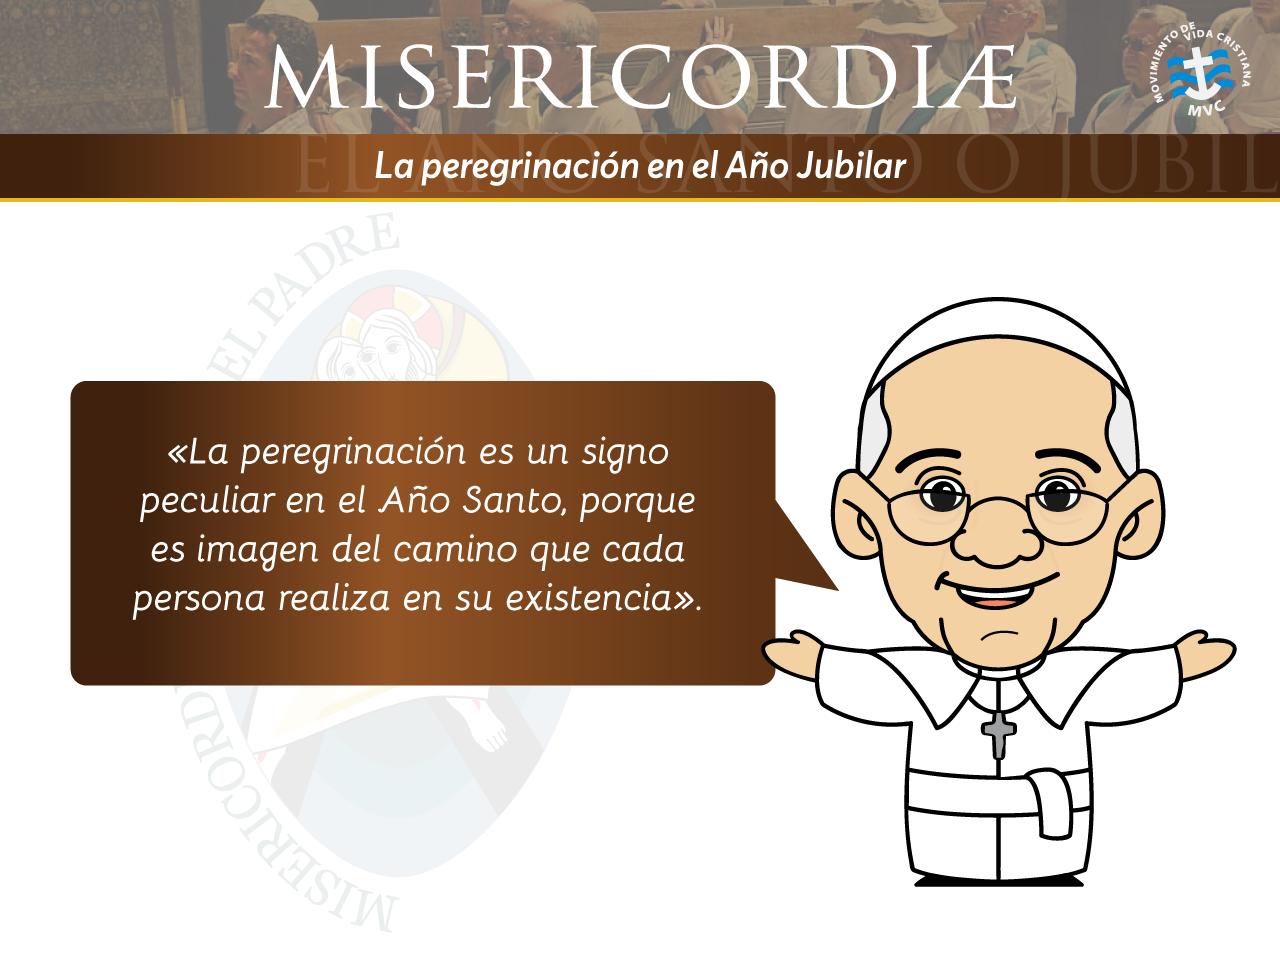 Misericordiae-4-editable-2